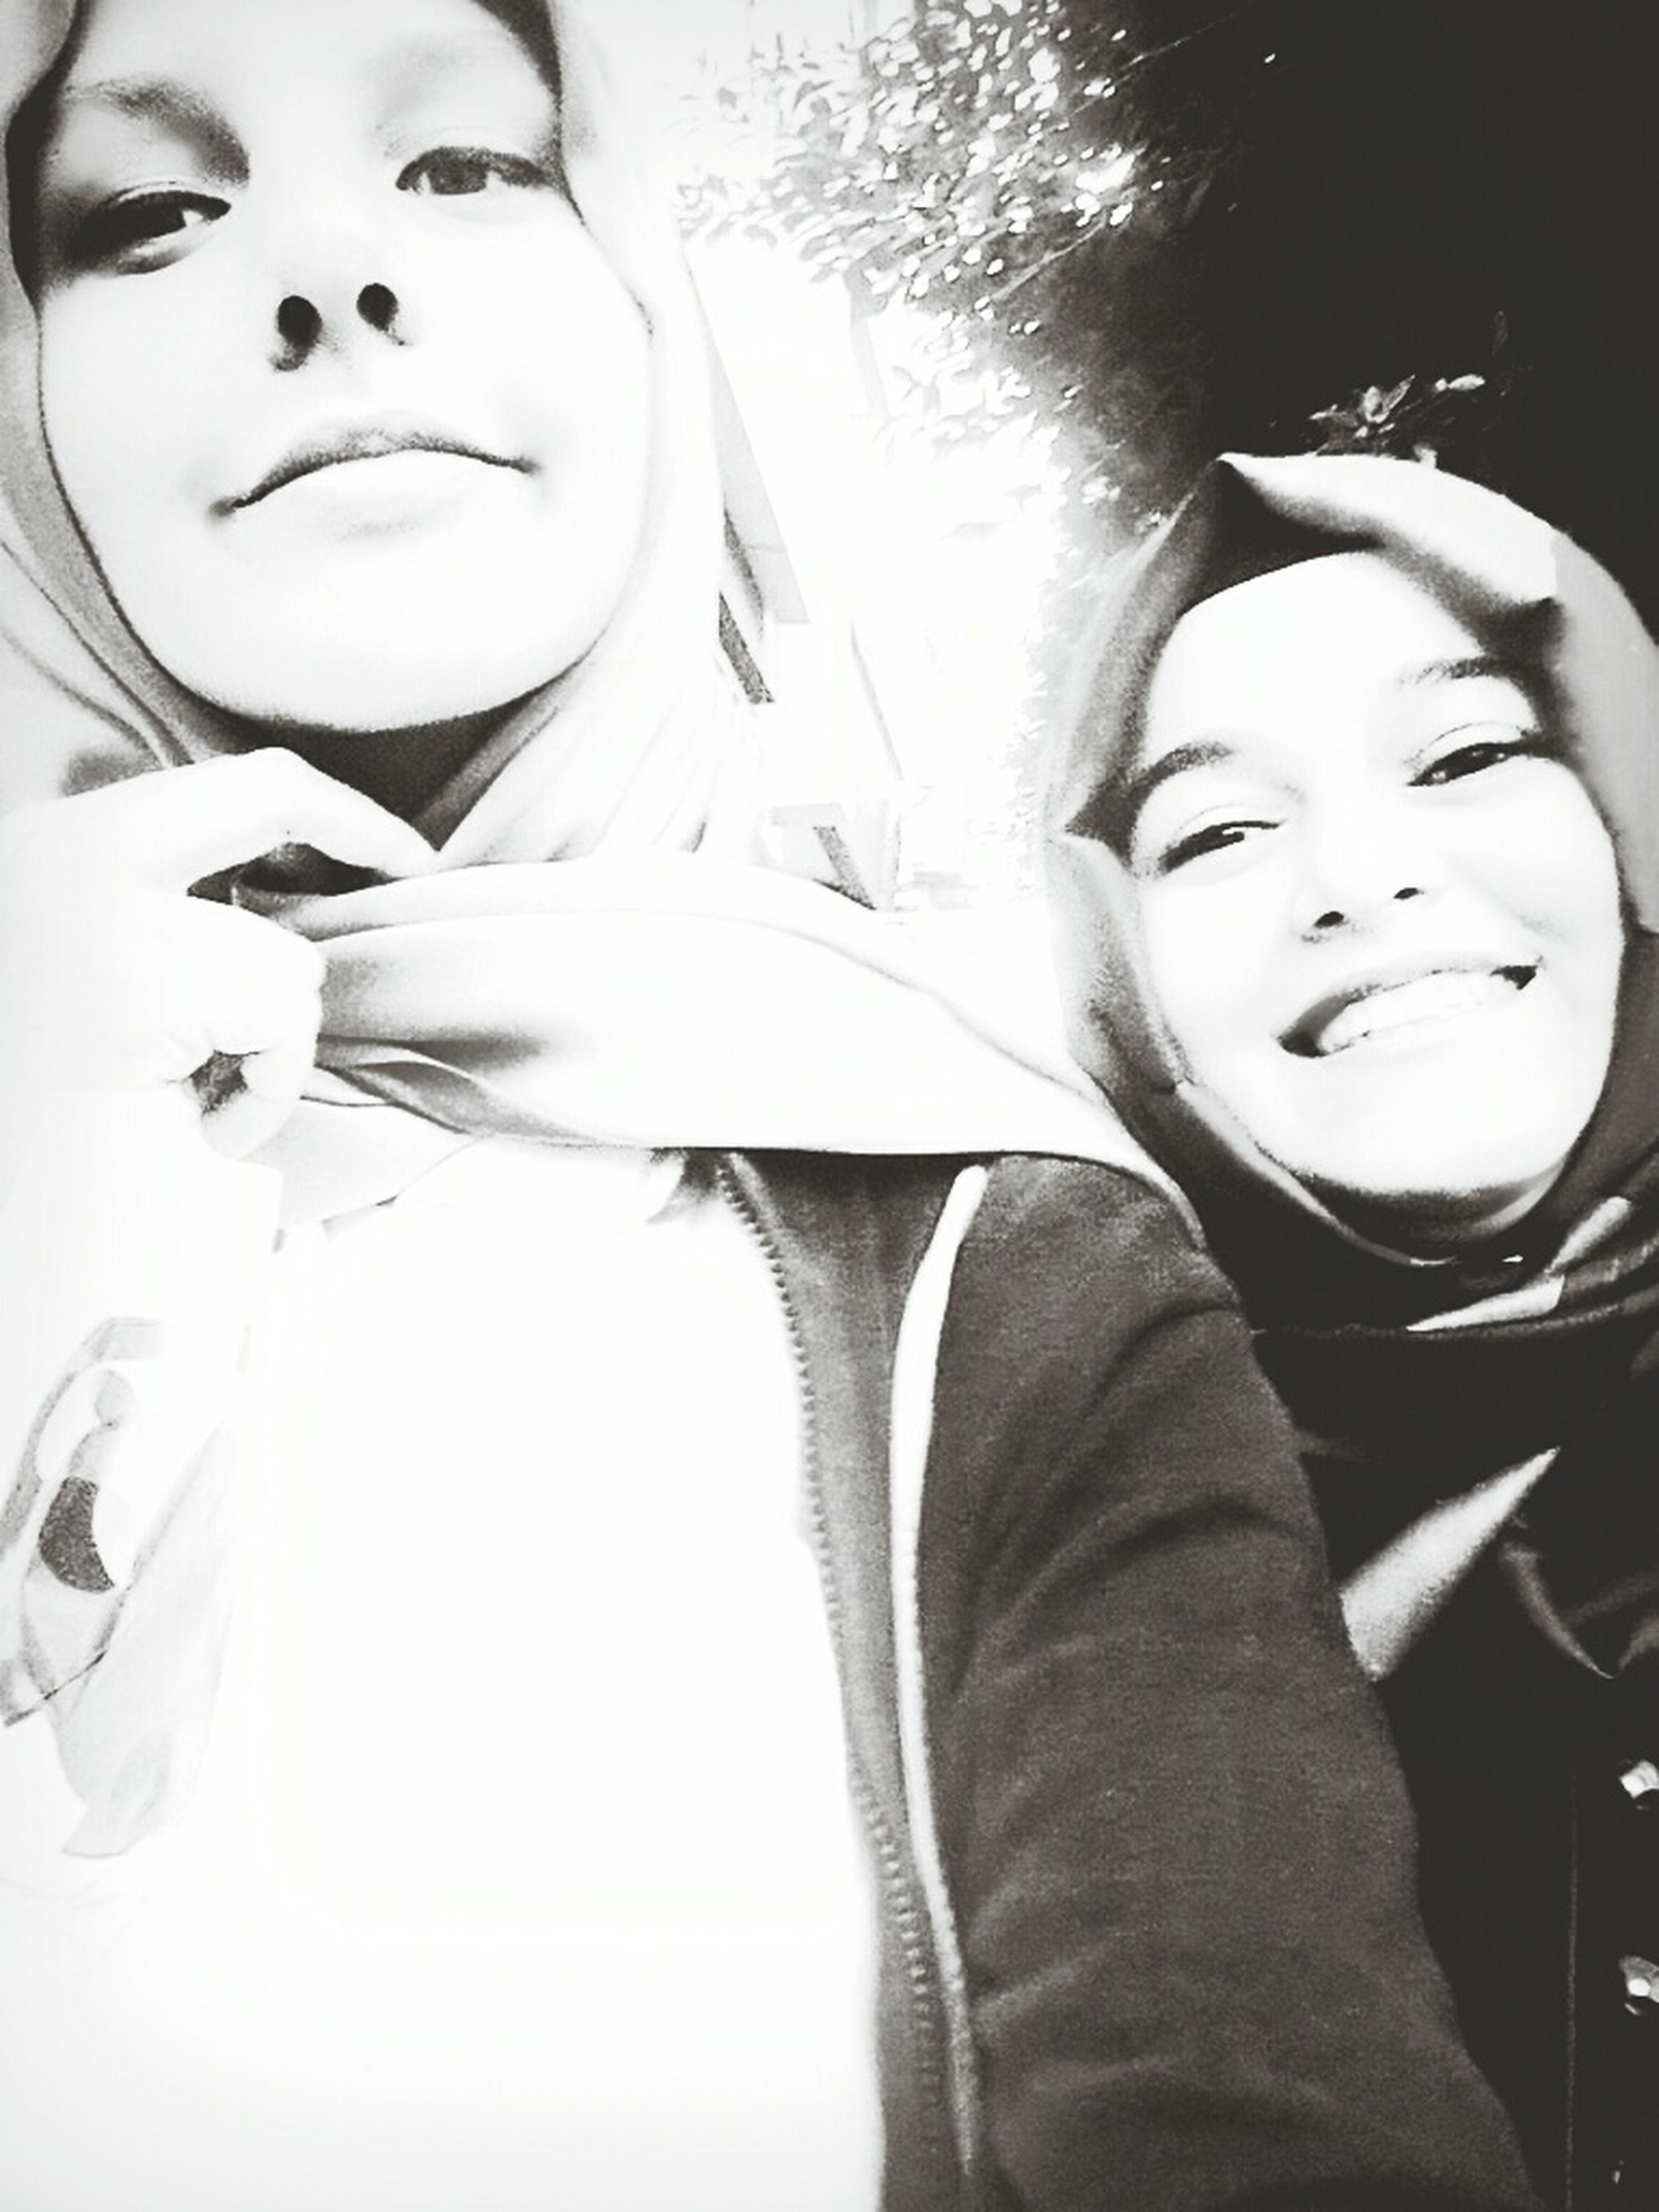 Gezerken bi selfie cekelim dedik :)